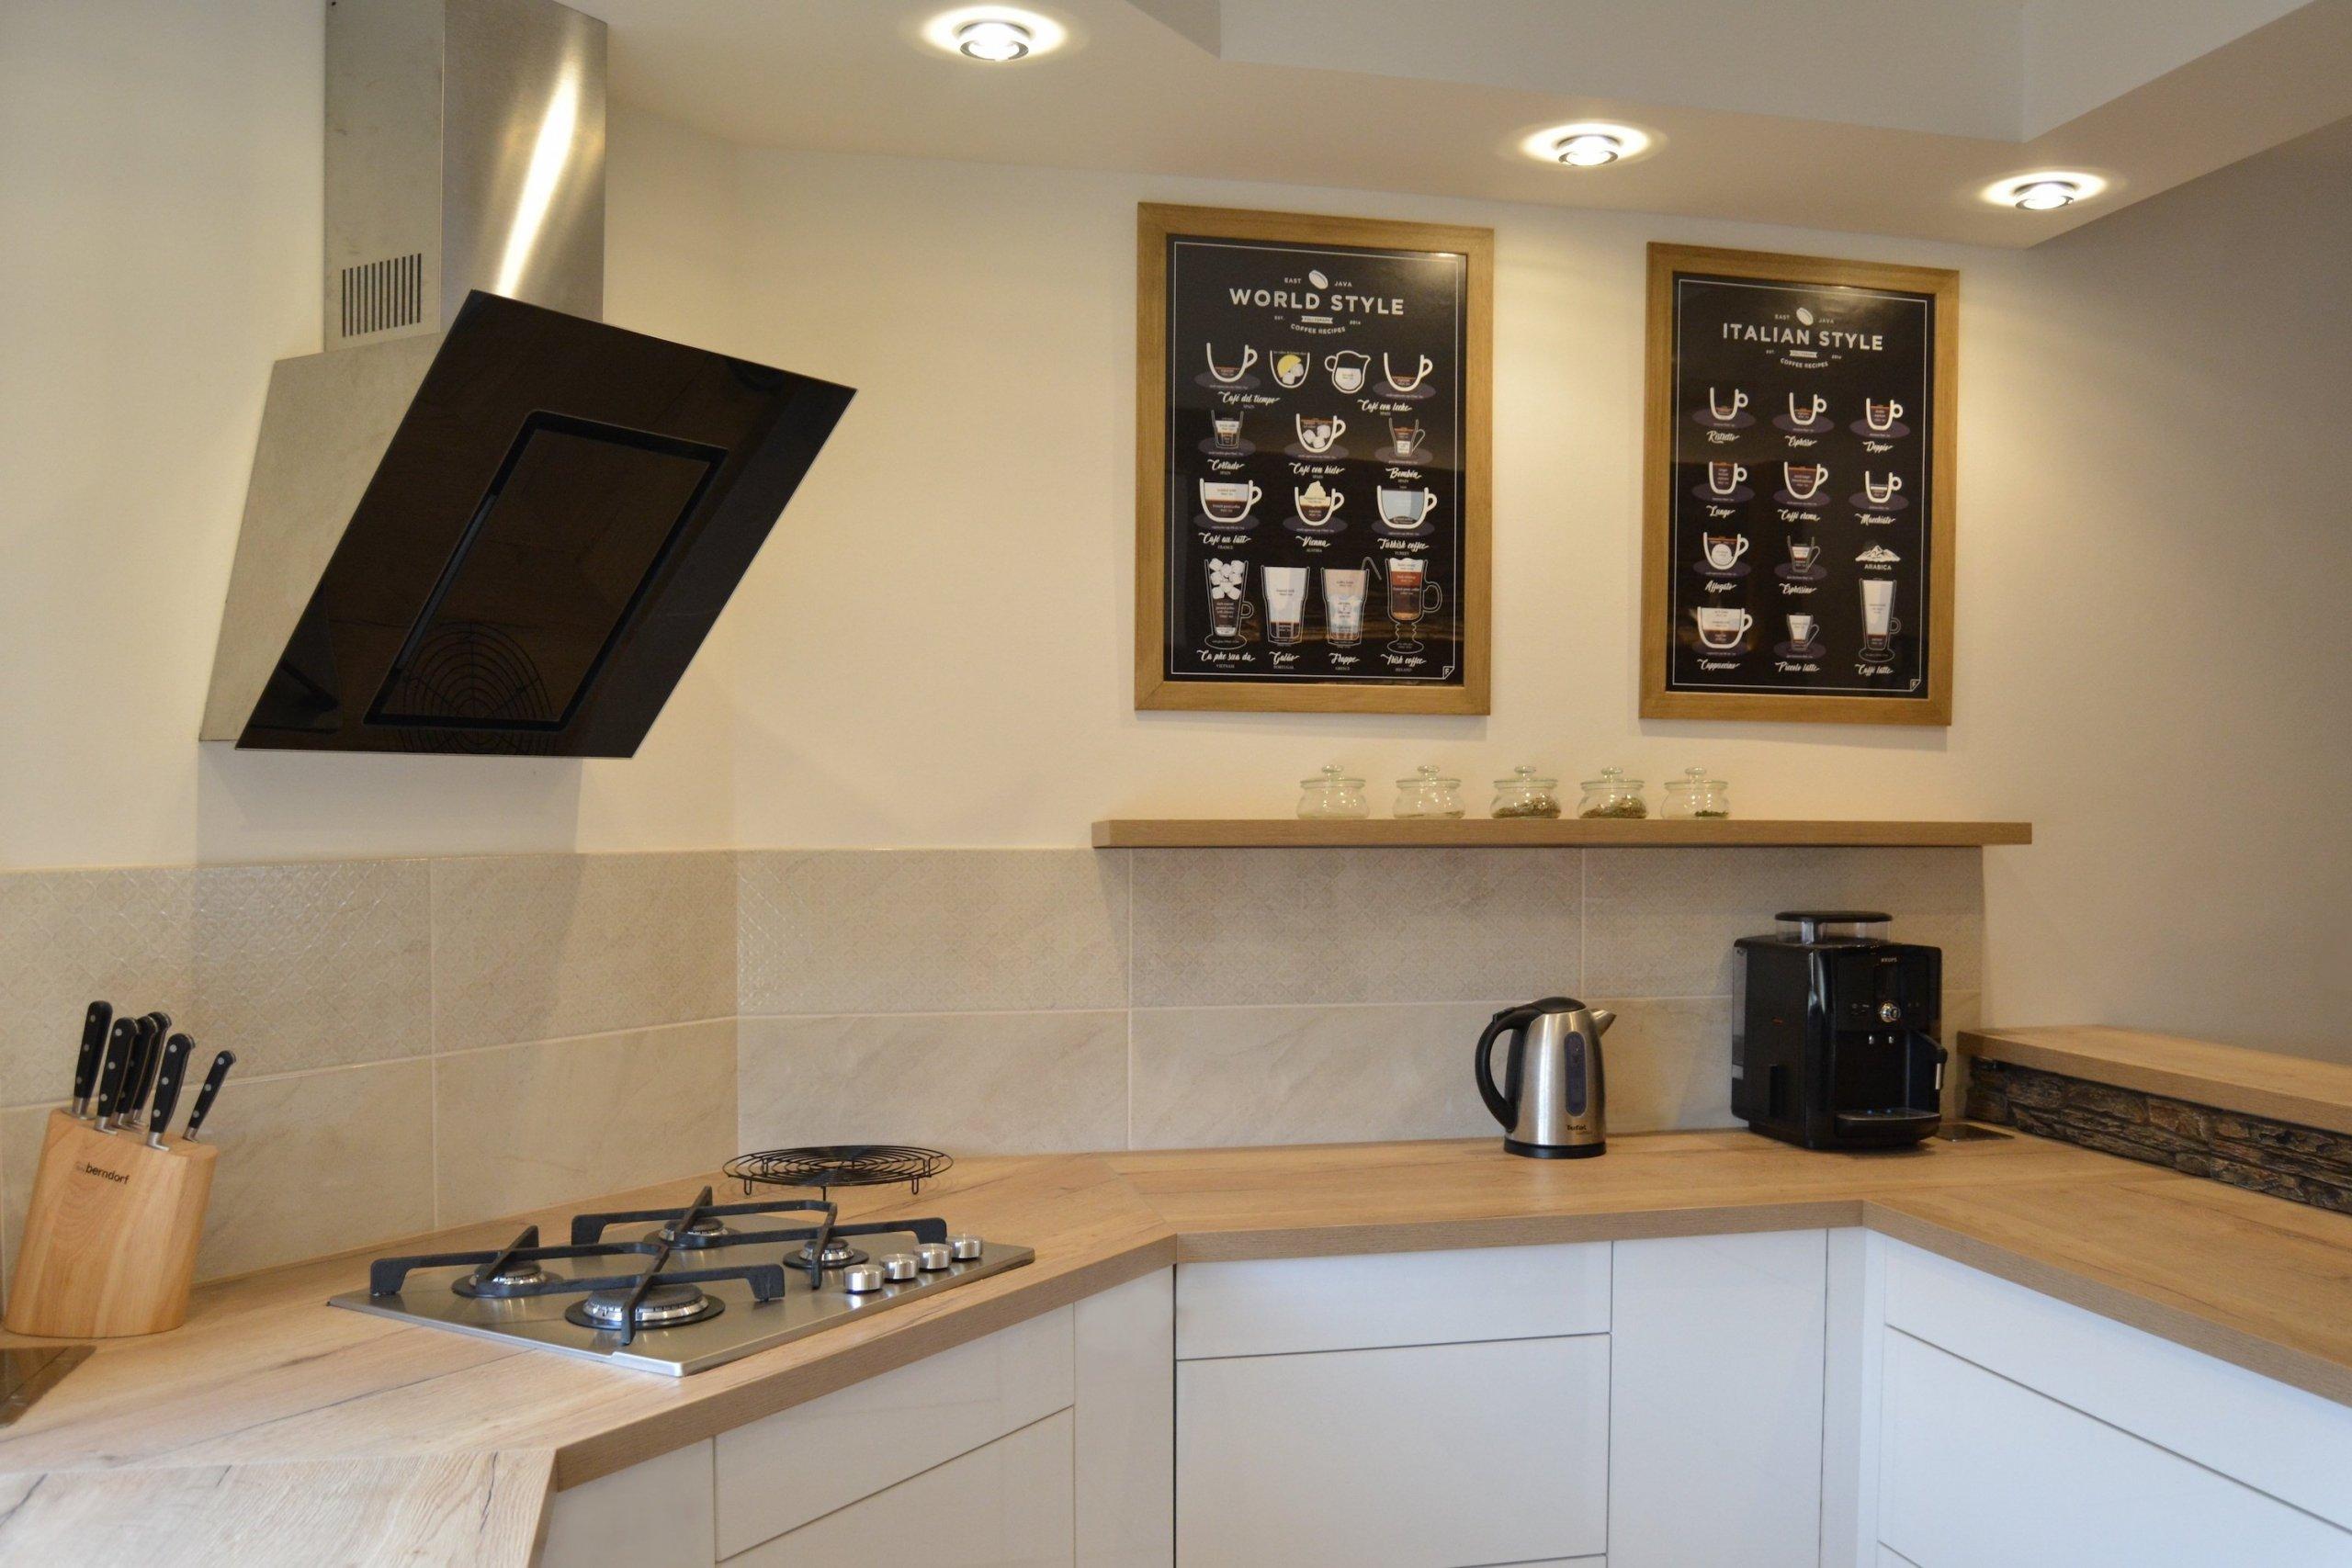 Rekonstrukce kuchyně a jídelny se zásadní změnou dispozic - přemístění kuchyňské linky, změna tvaru z L na G, vytvoření jídelního koutu pomocí trámů a…